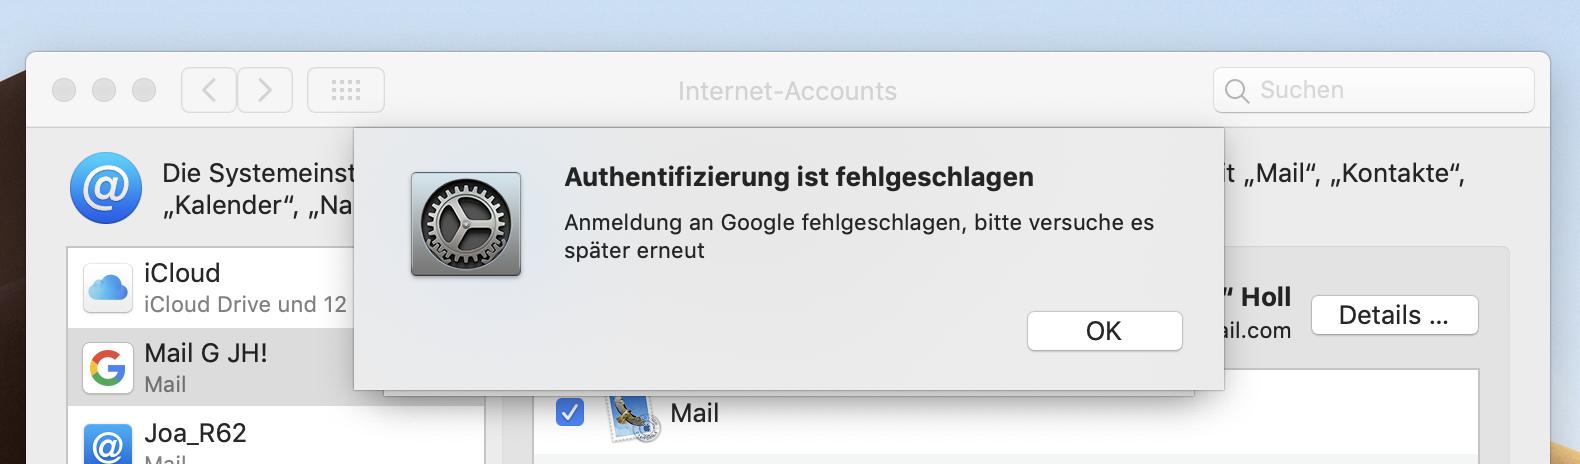 Google mail anmeldung fehlgeschlagen